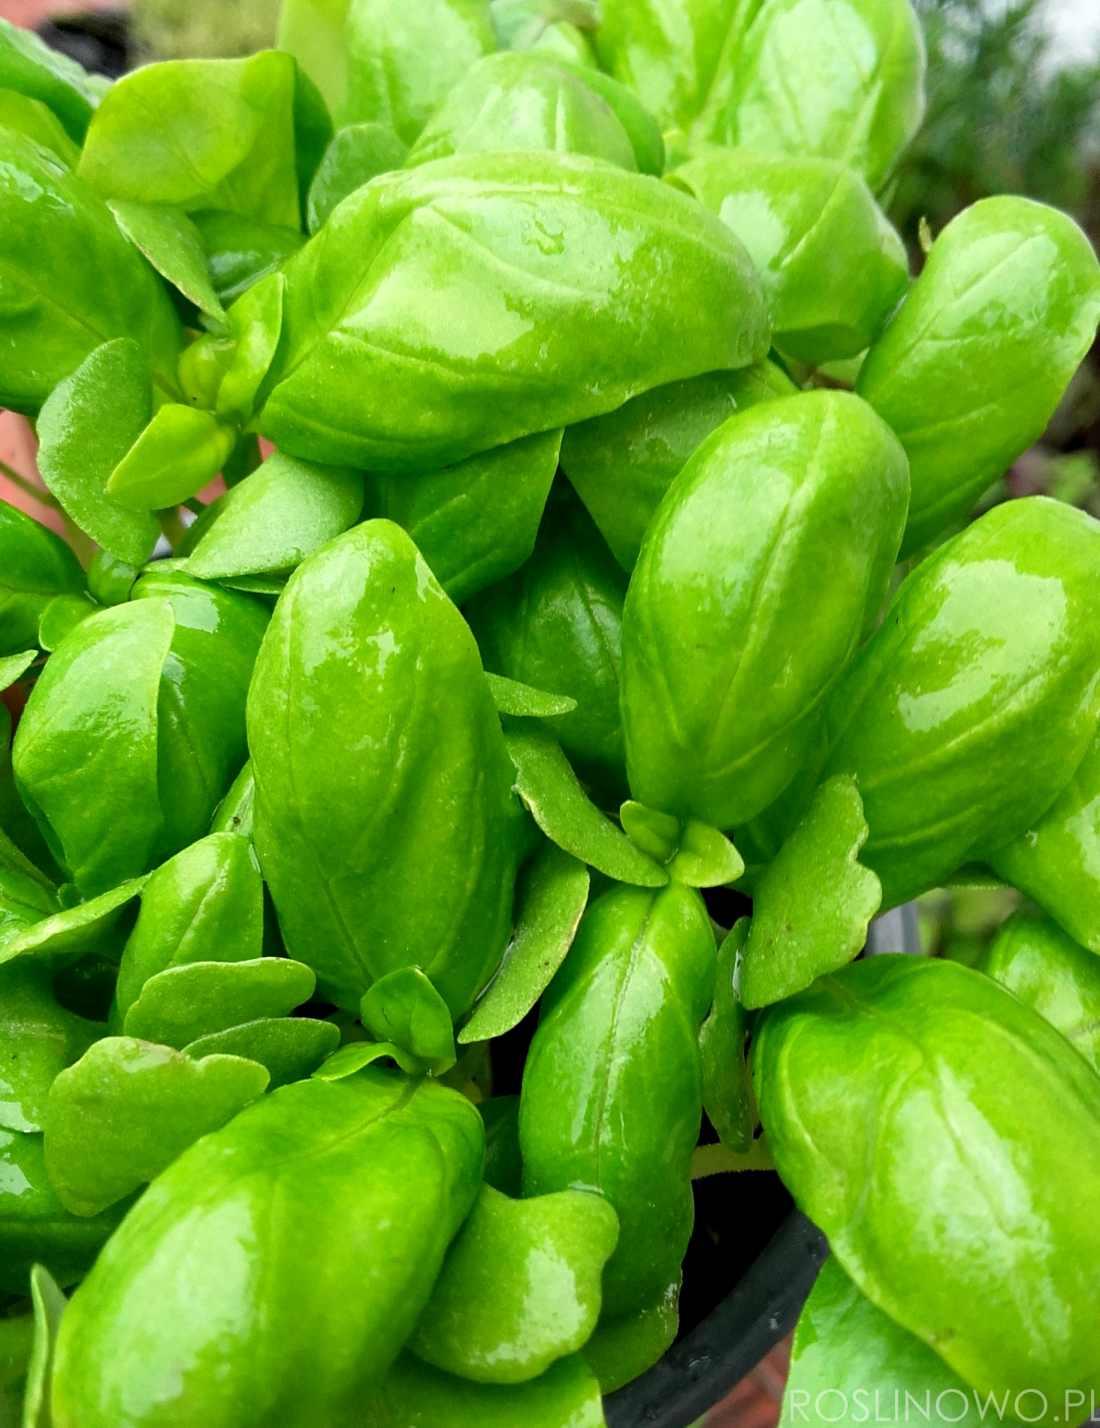 Bazylia pospolita - roślina zielna o pikantnym smaku i właściwościach leczniczych